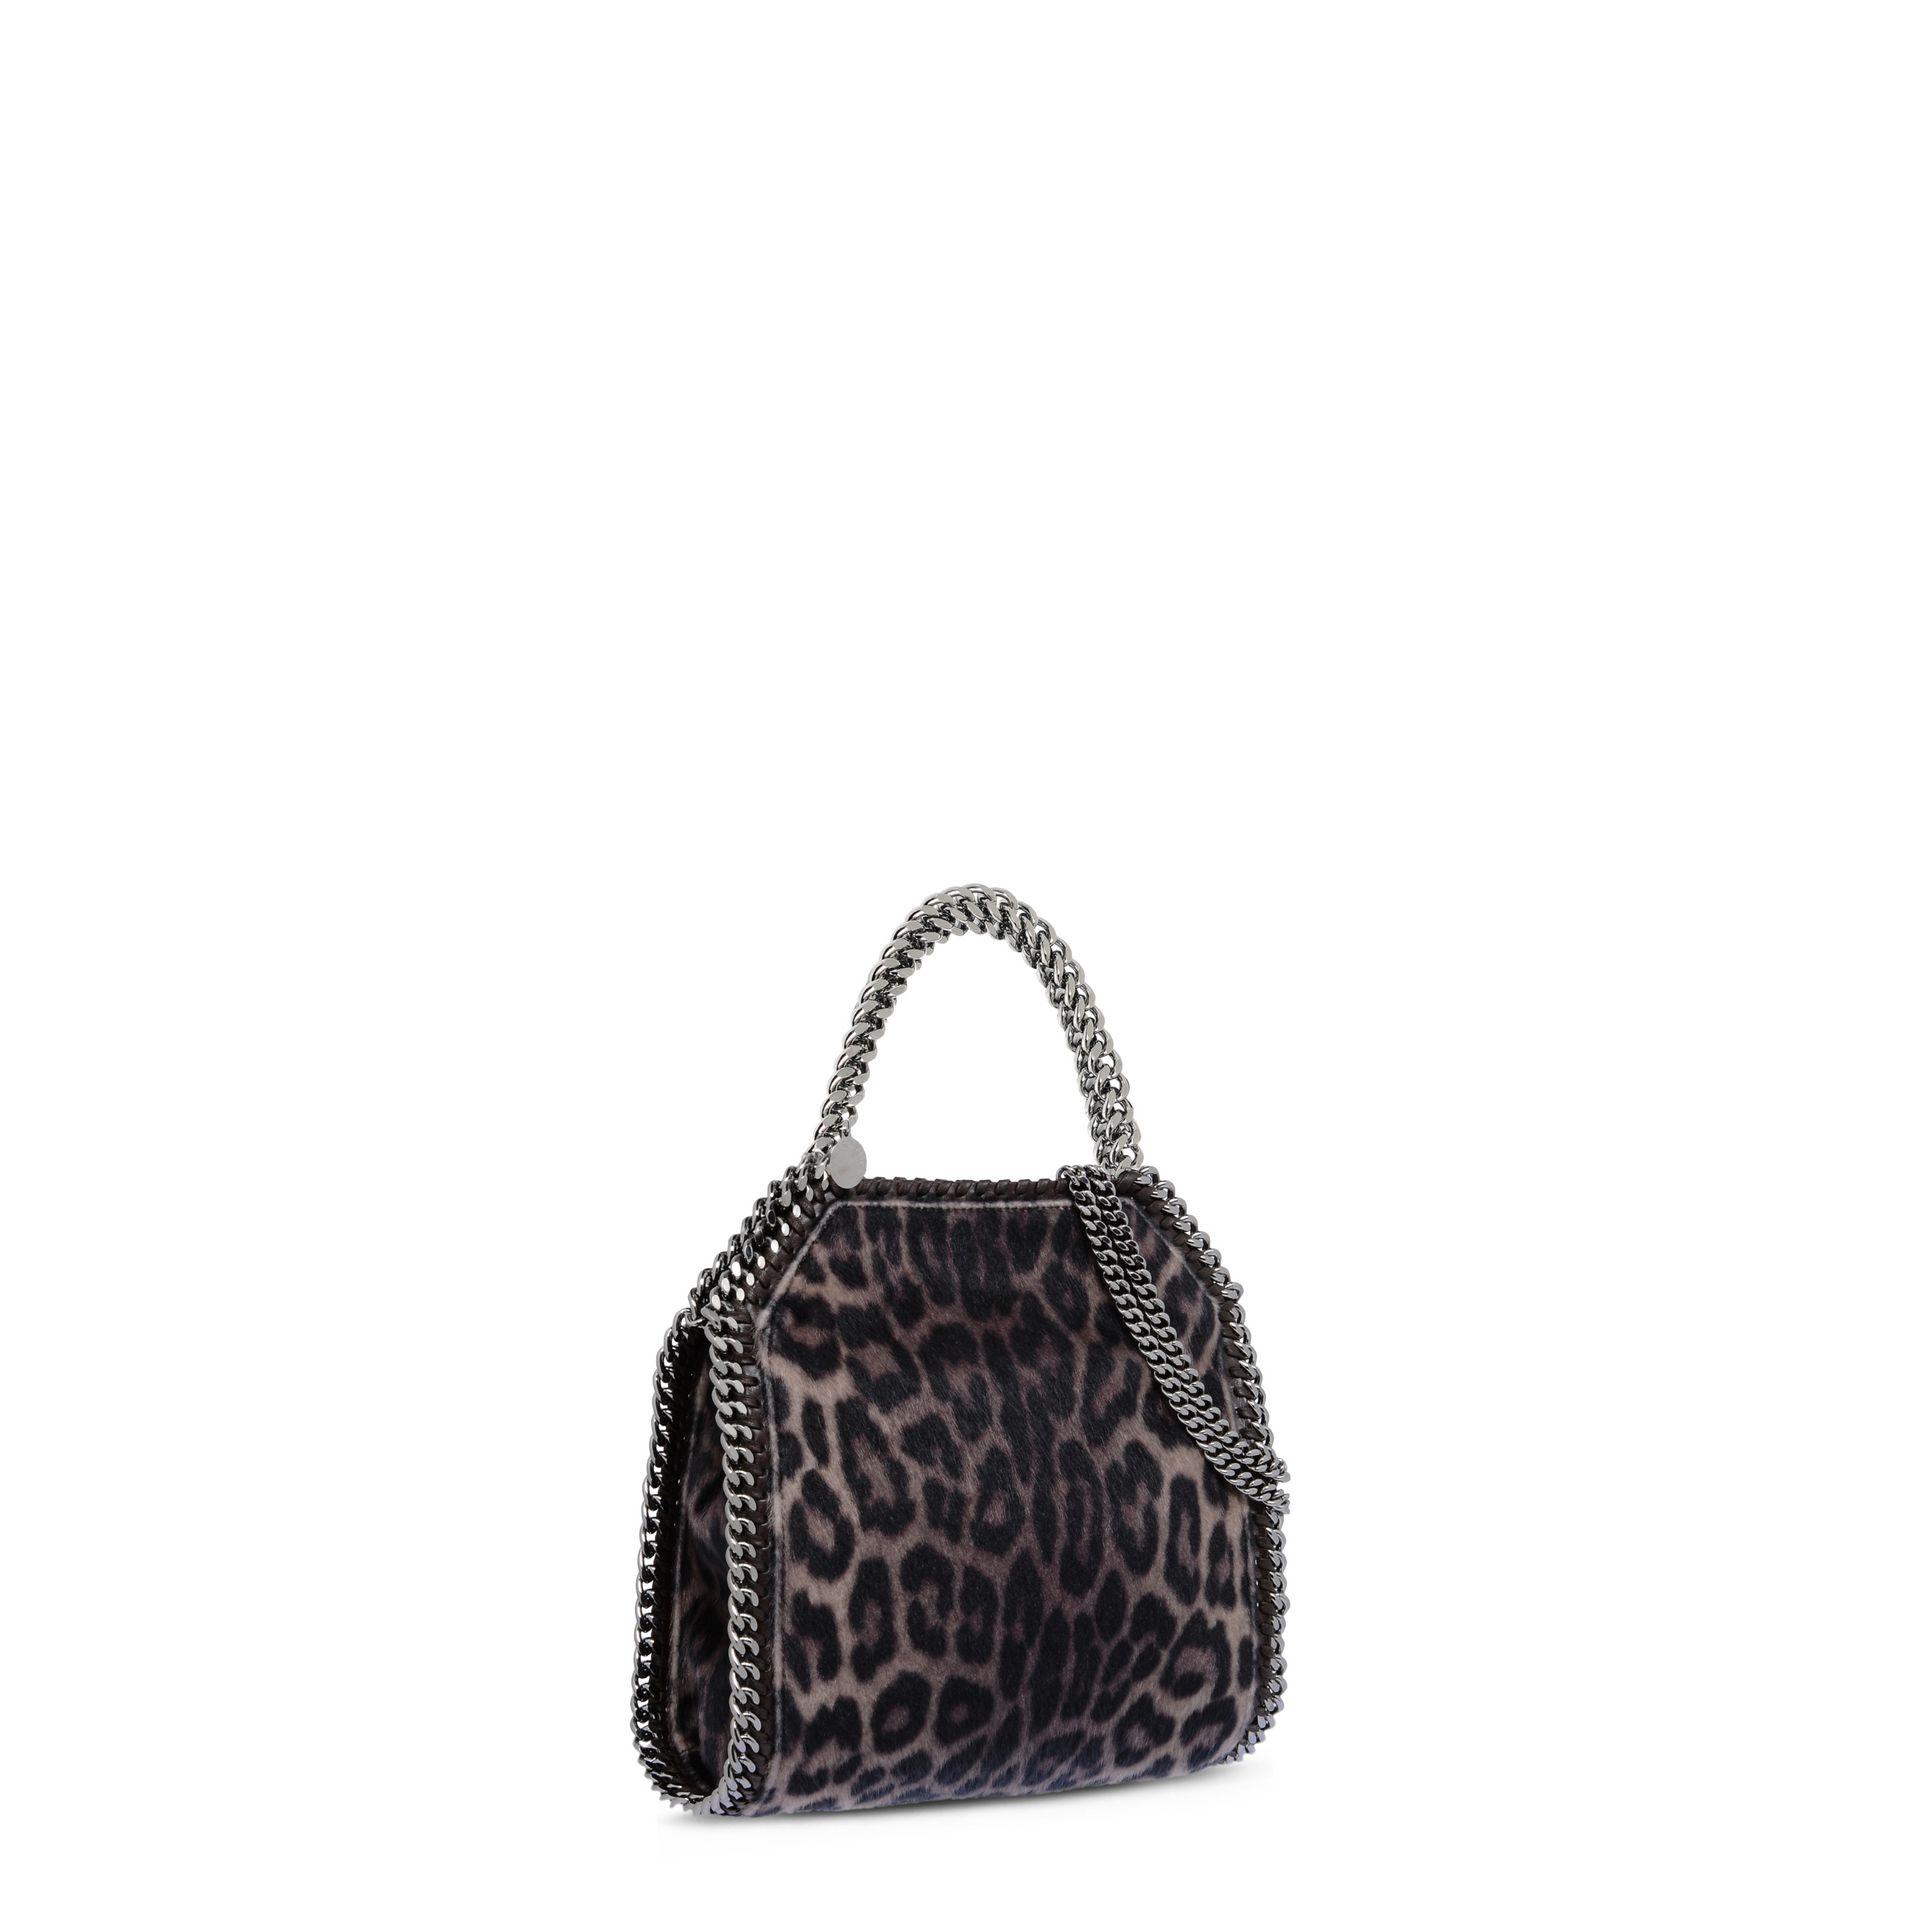 40e1bfd01245 Stella McCartney Falabella Leopard Alter Pony Mini Tote Bag - Lyst